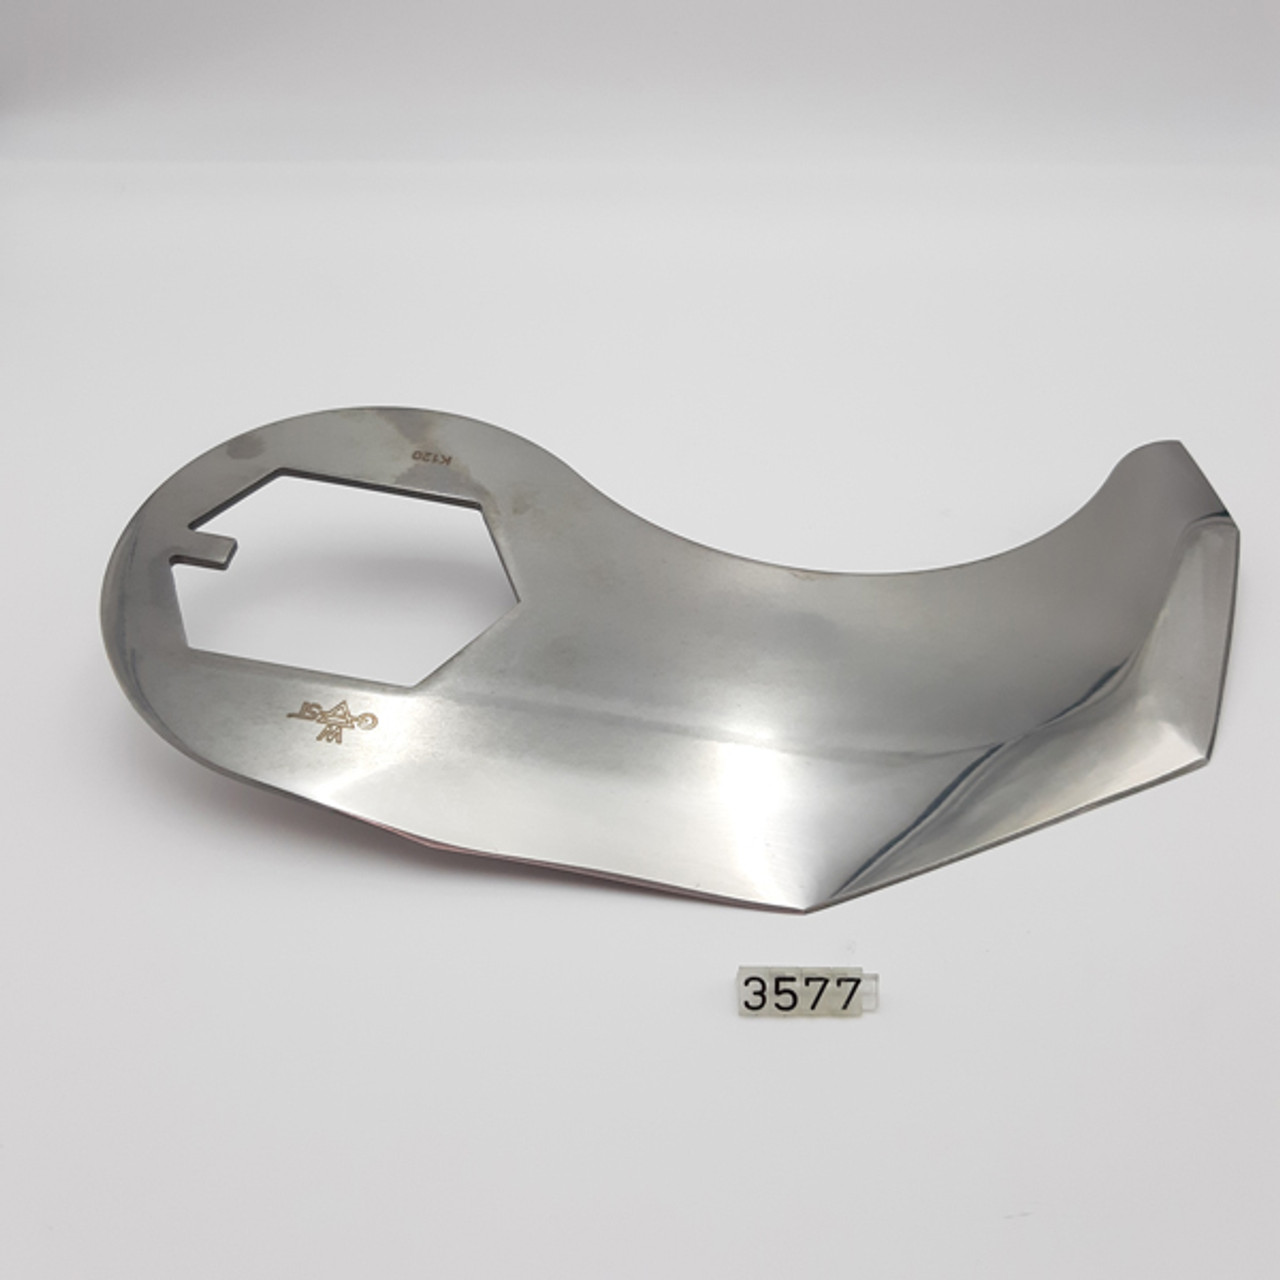 Talsa K-466 - K120 Series - Blade / Cutter - 3577